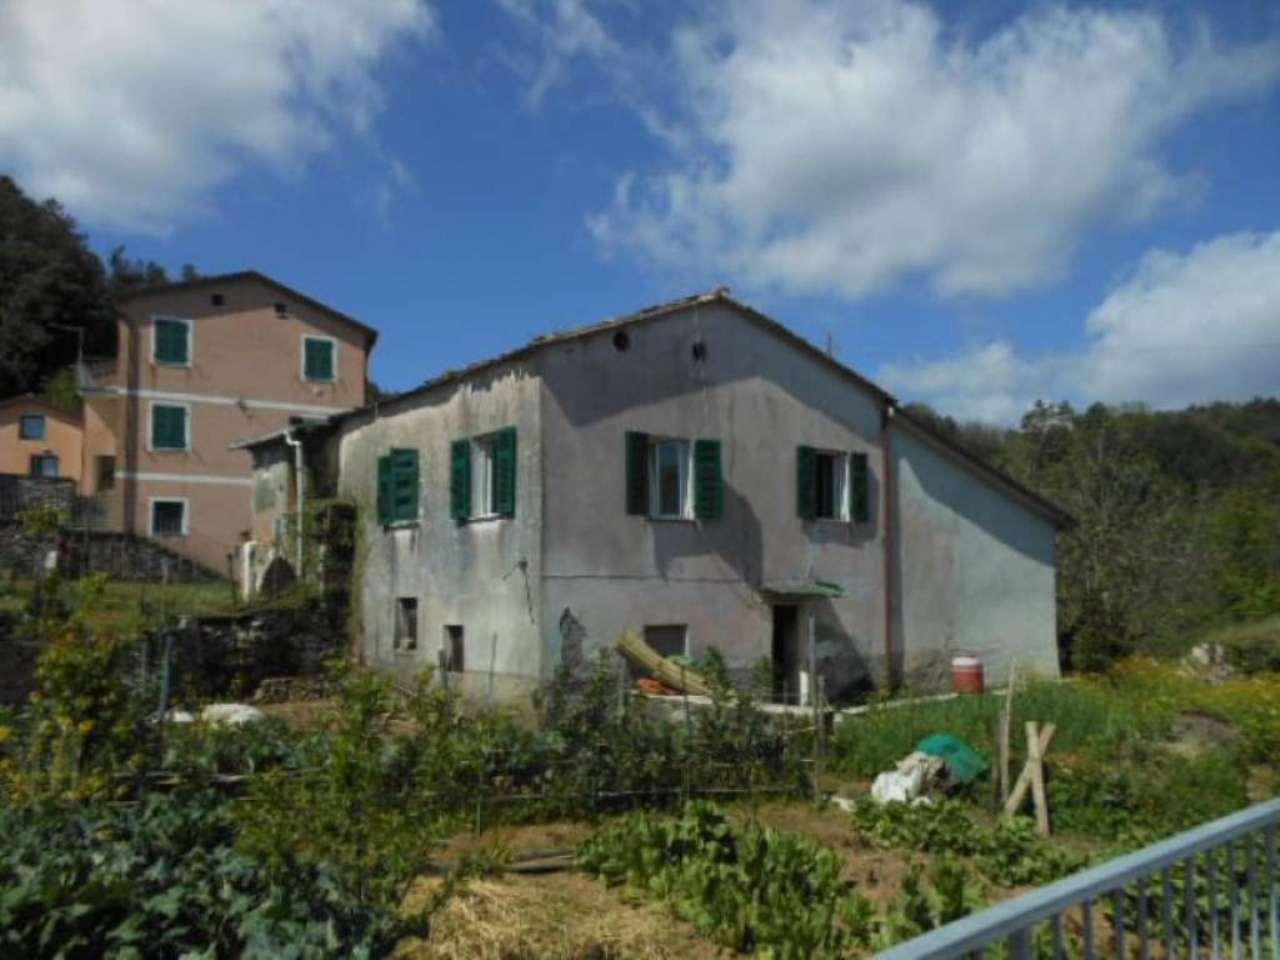 Palazzo / Stabile in vendita a Beverino, 6 locali, prezzo € 65.000 | Cambio Casa.it